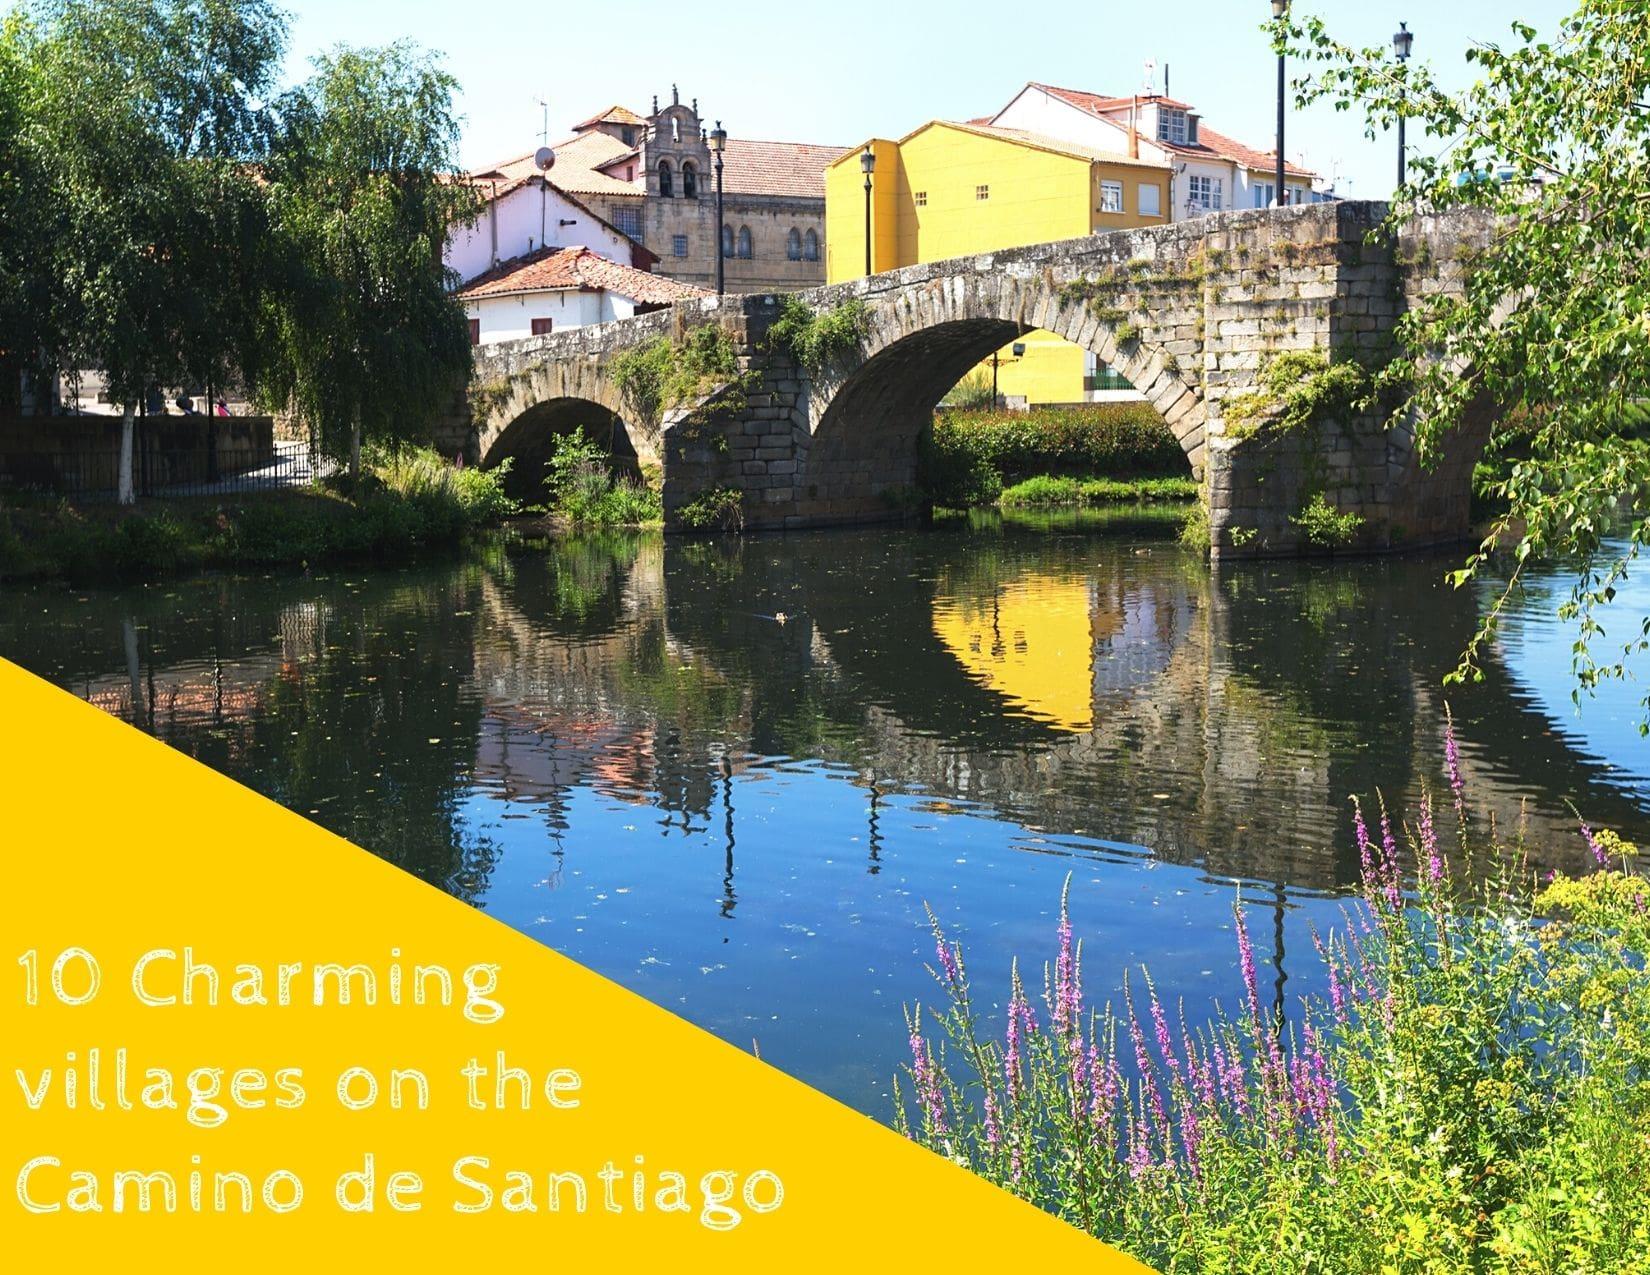 10 charming cities alon the camino de santiago